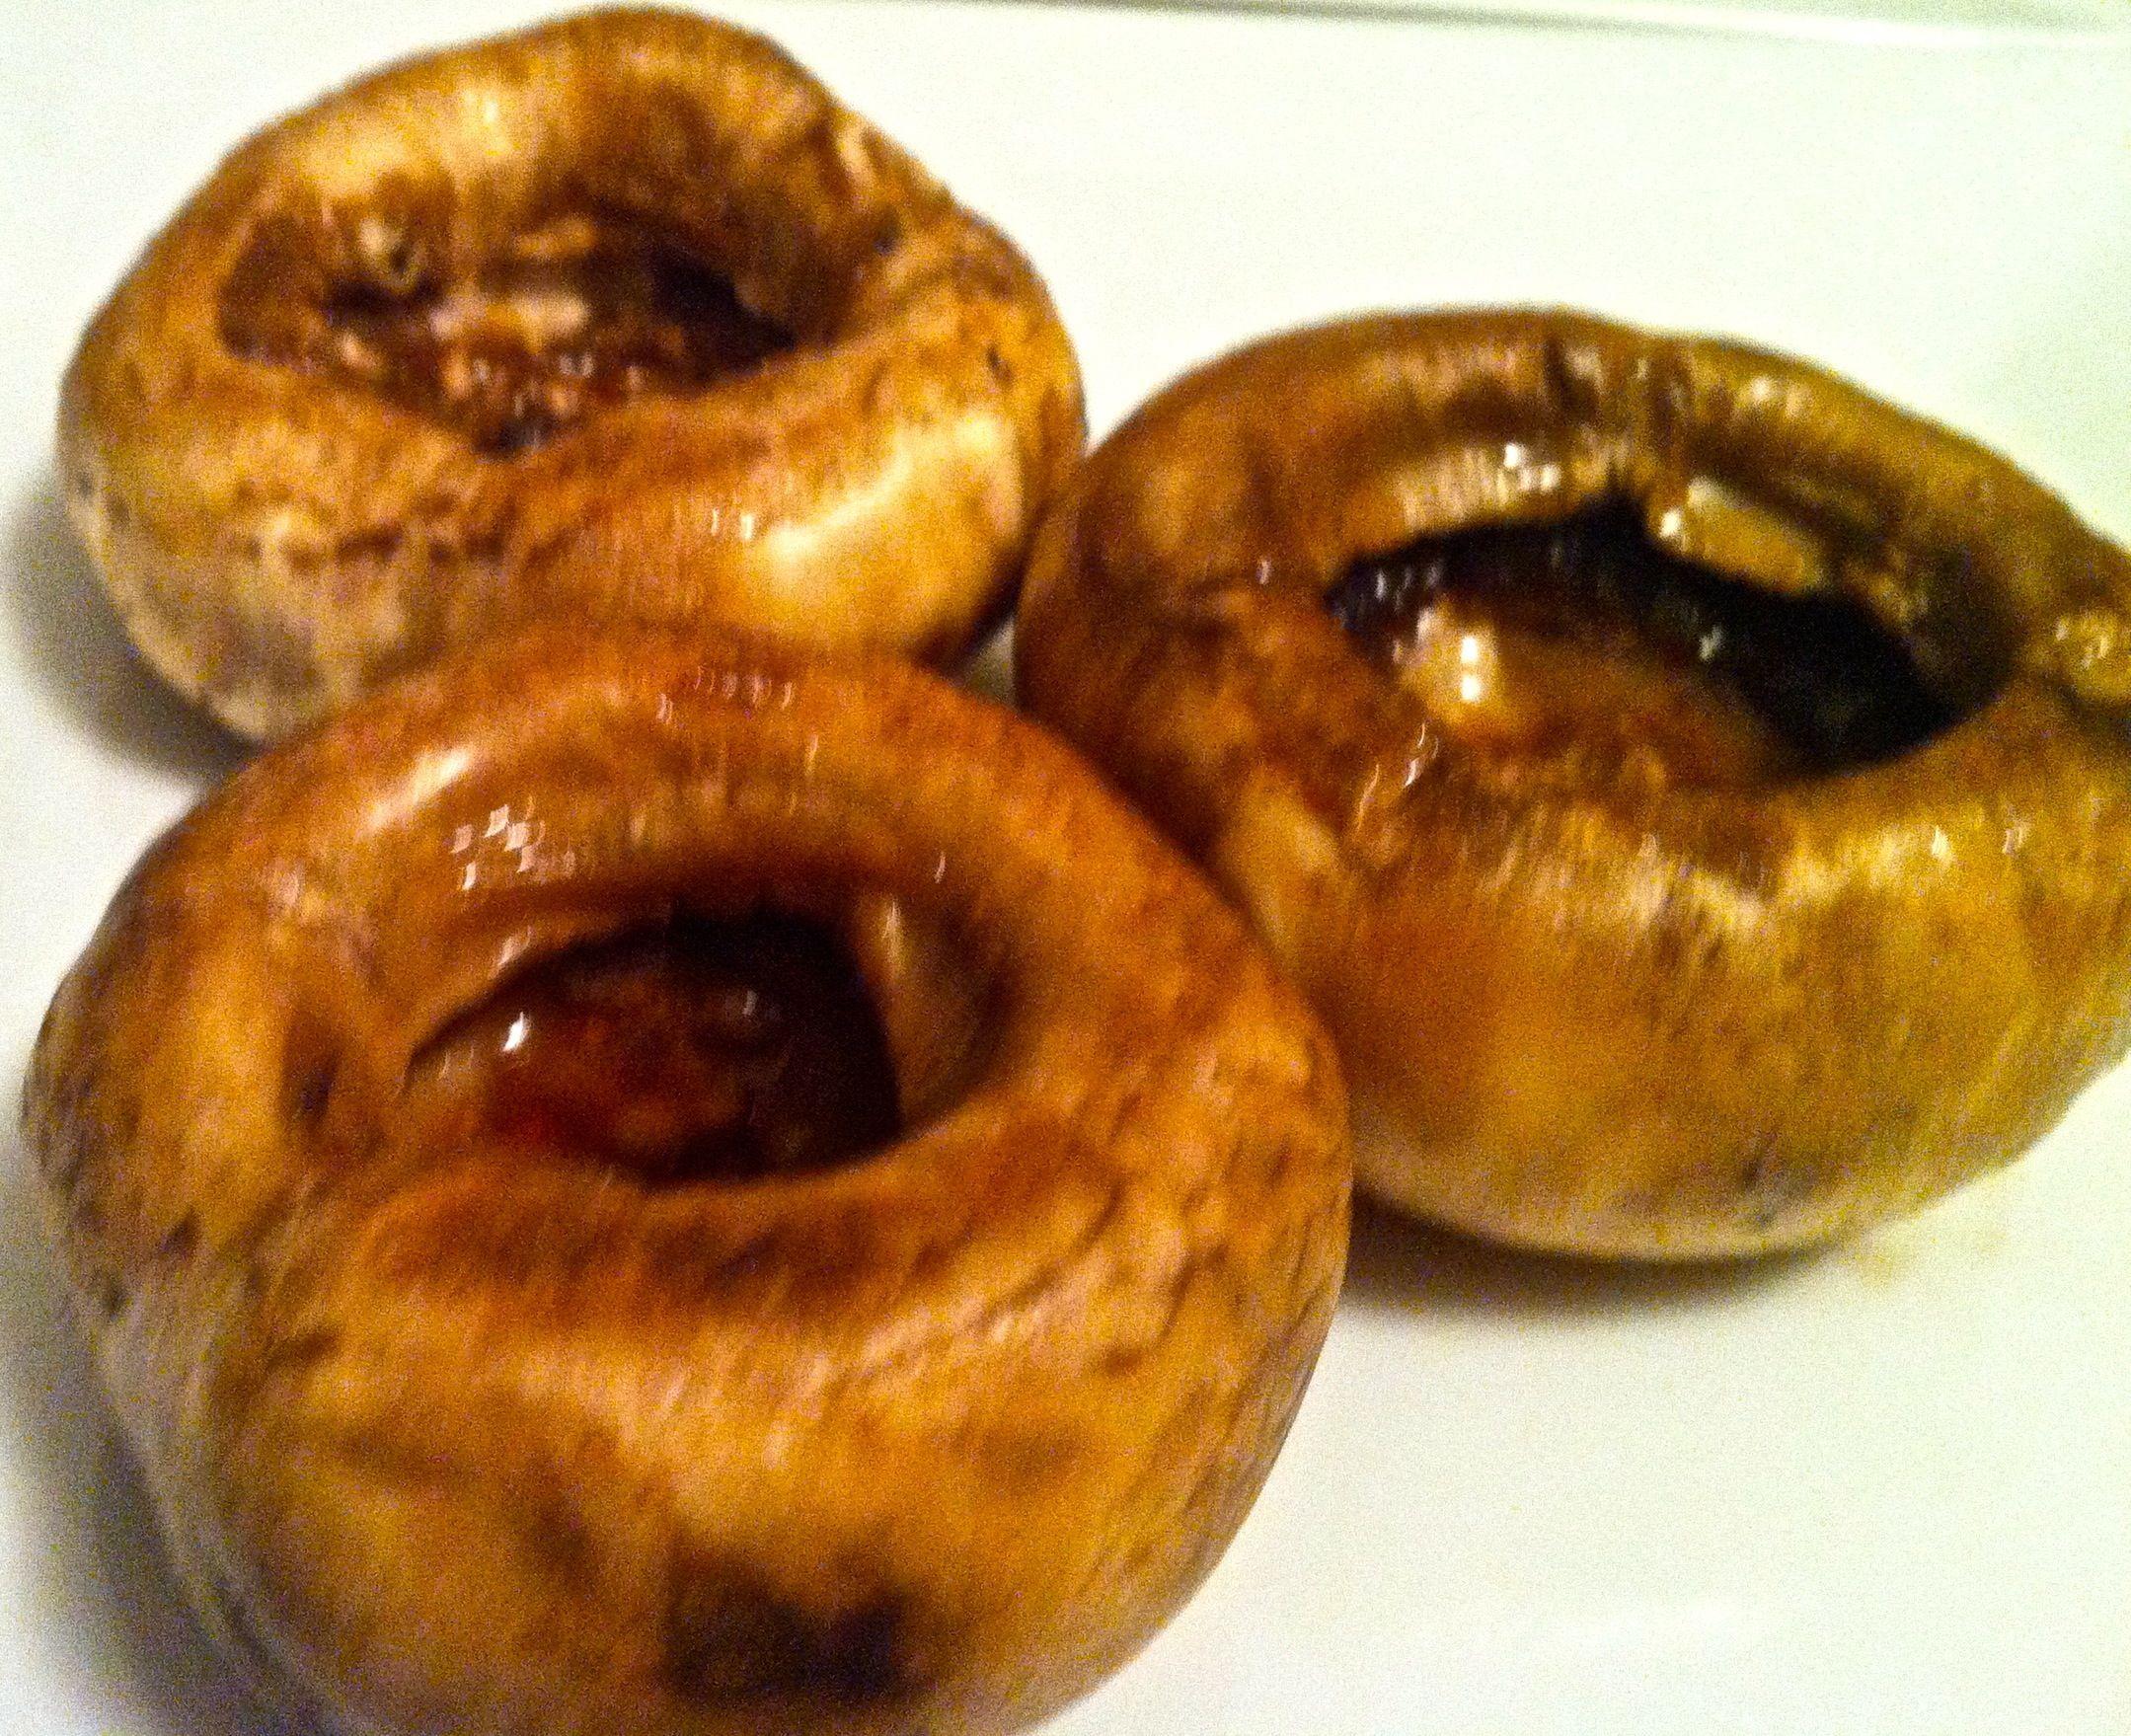 ... sauce and olive oil marinated mushroom caps for Stuffed Mushrooms